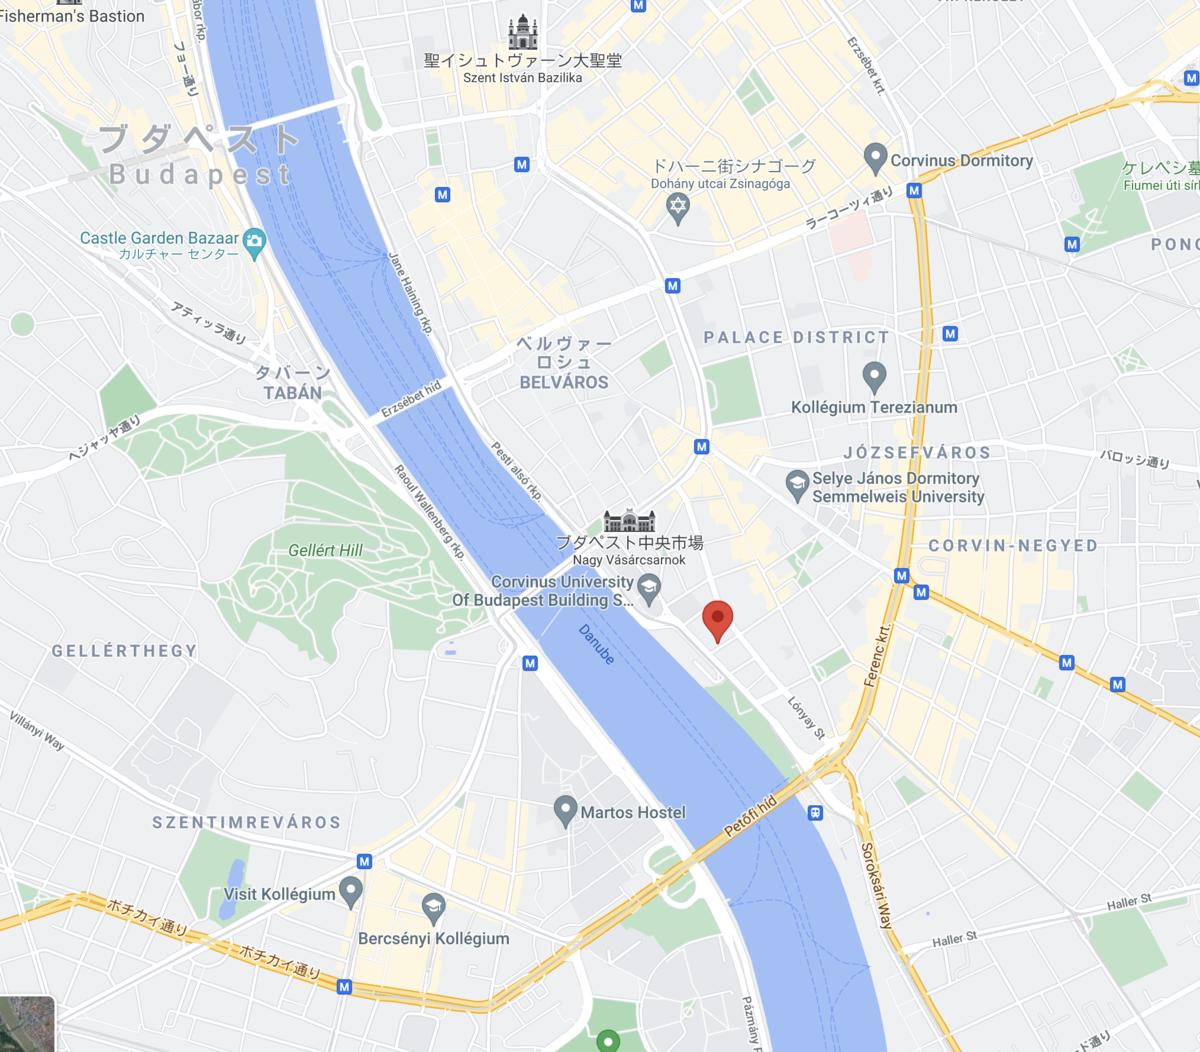 f:id:shibakanri:20210727182531p:plain